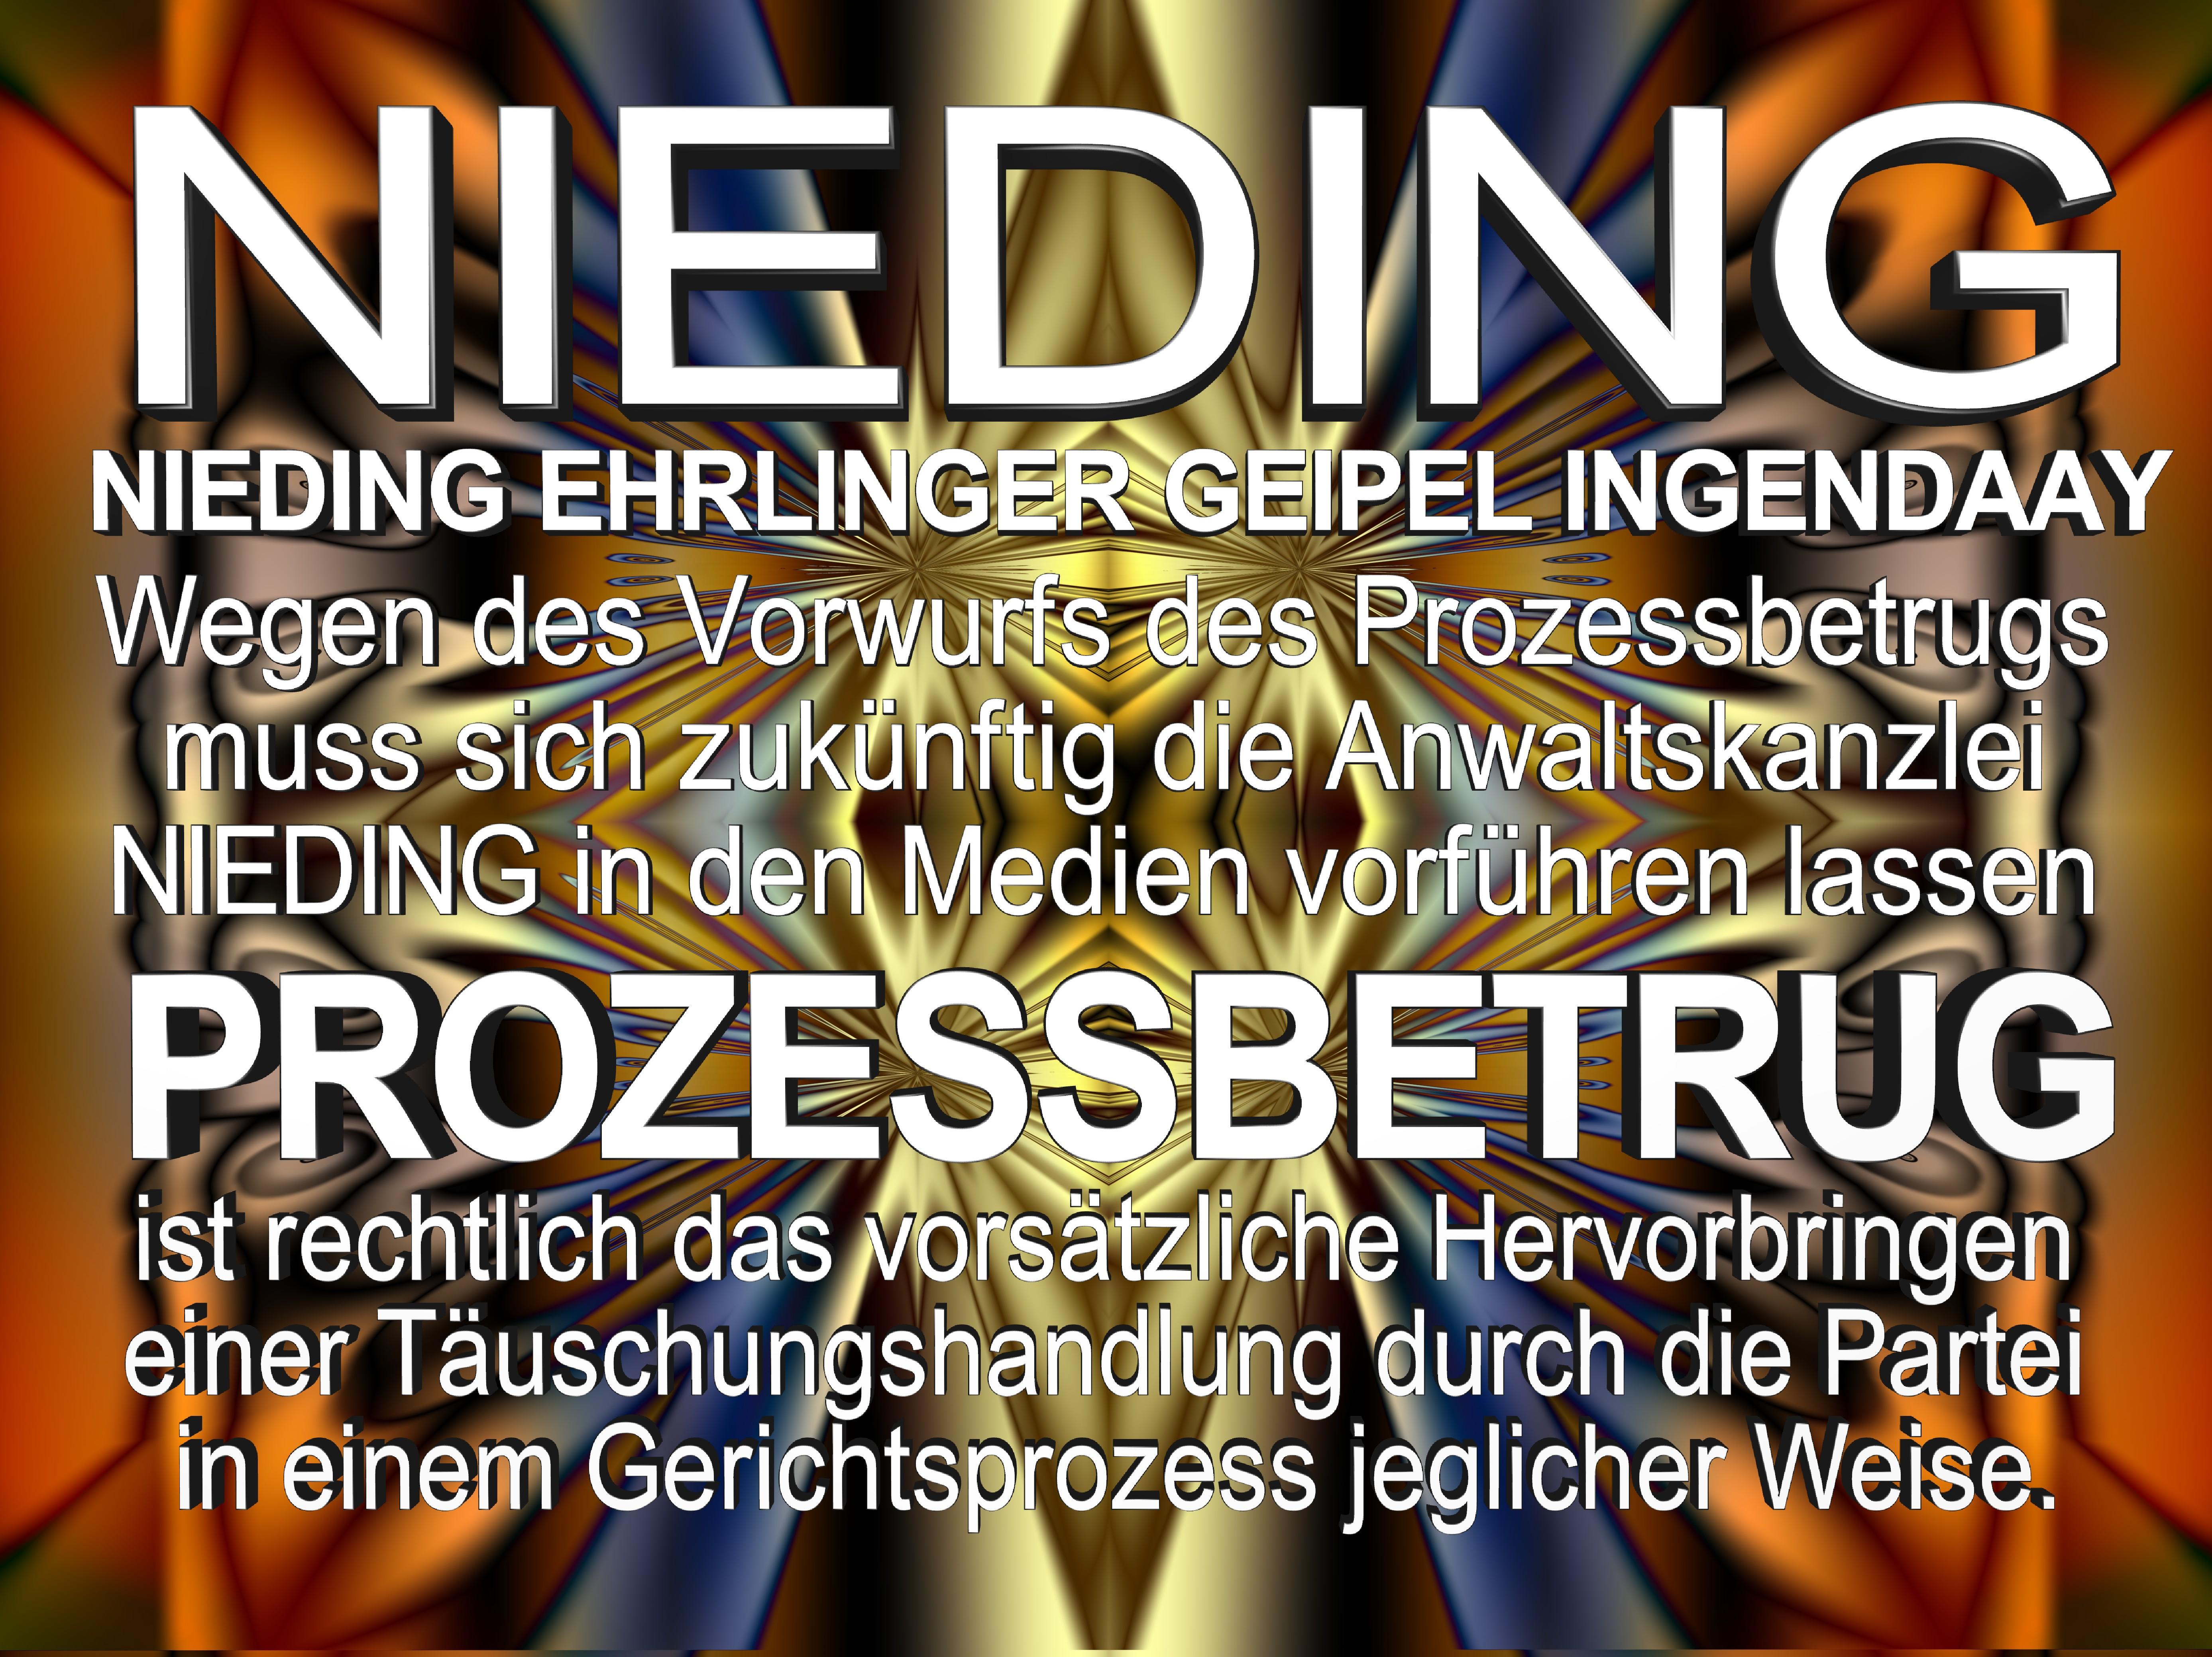 NIEDING EHRLINGER GEIPEL INGENDAAY LELKE Kurfürstendamm 66 Berlin (182)